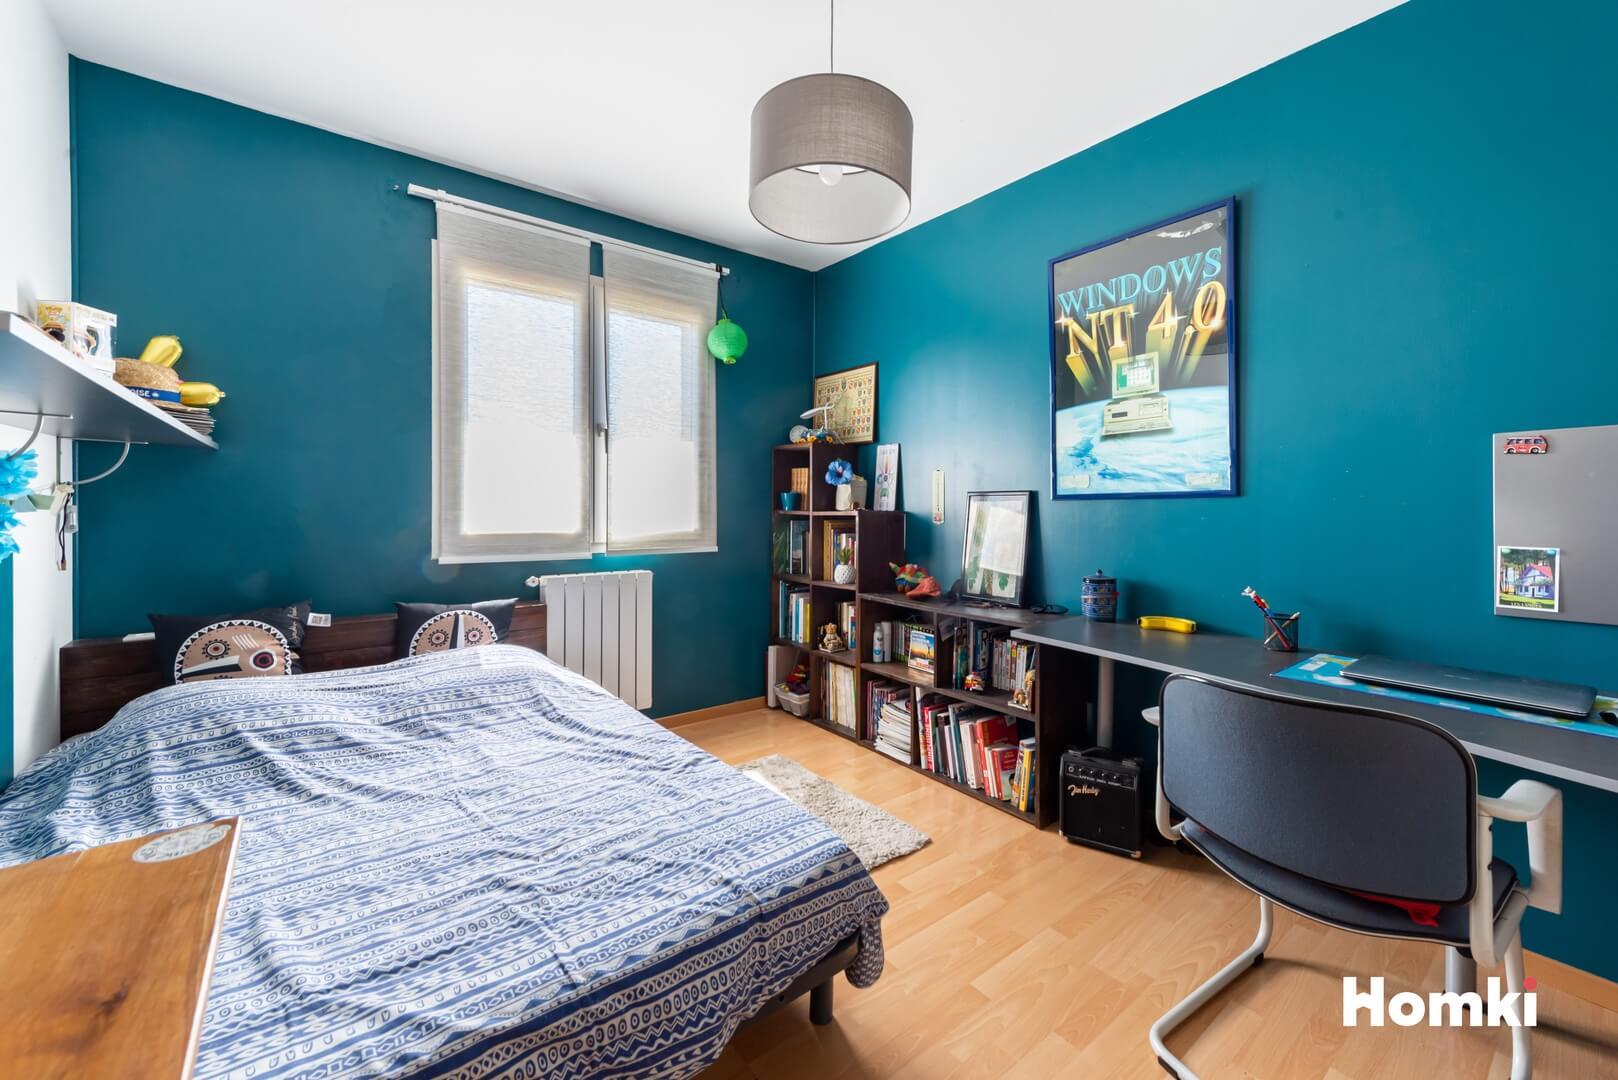 Homki - Vente Maison/villa  de 152.0 m² à Cornebarrieu 31700